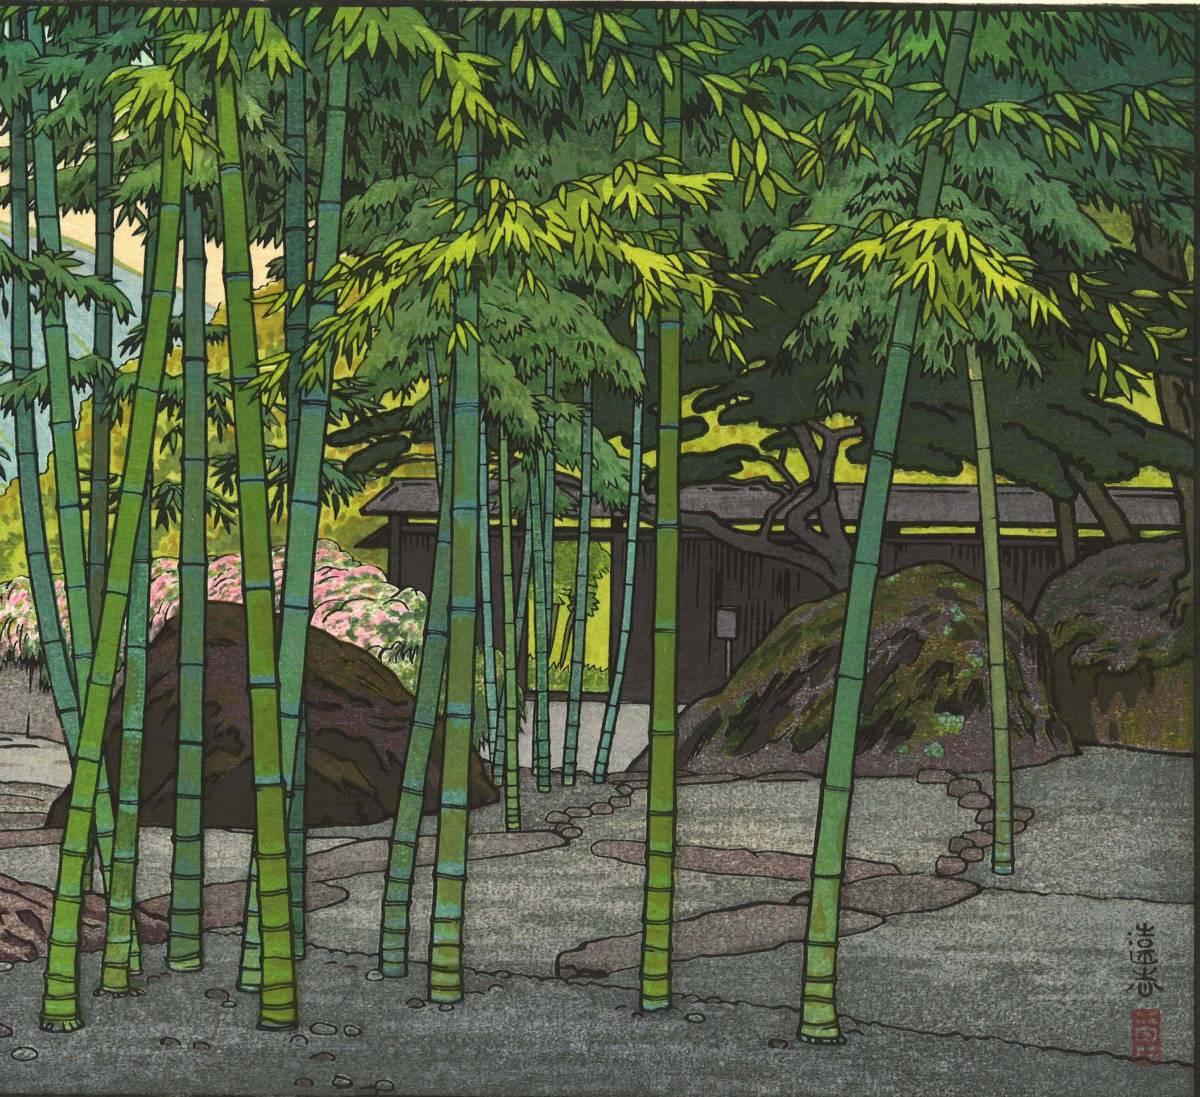 吉田遠志 木版画 015402 箱根神仙郷 竹のお庭 (Bamboo Garden,Hakone Museum) 初摺1954年  最高峰の摺師の技をご堪能下さい!!_画像8